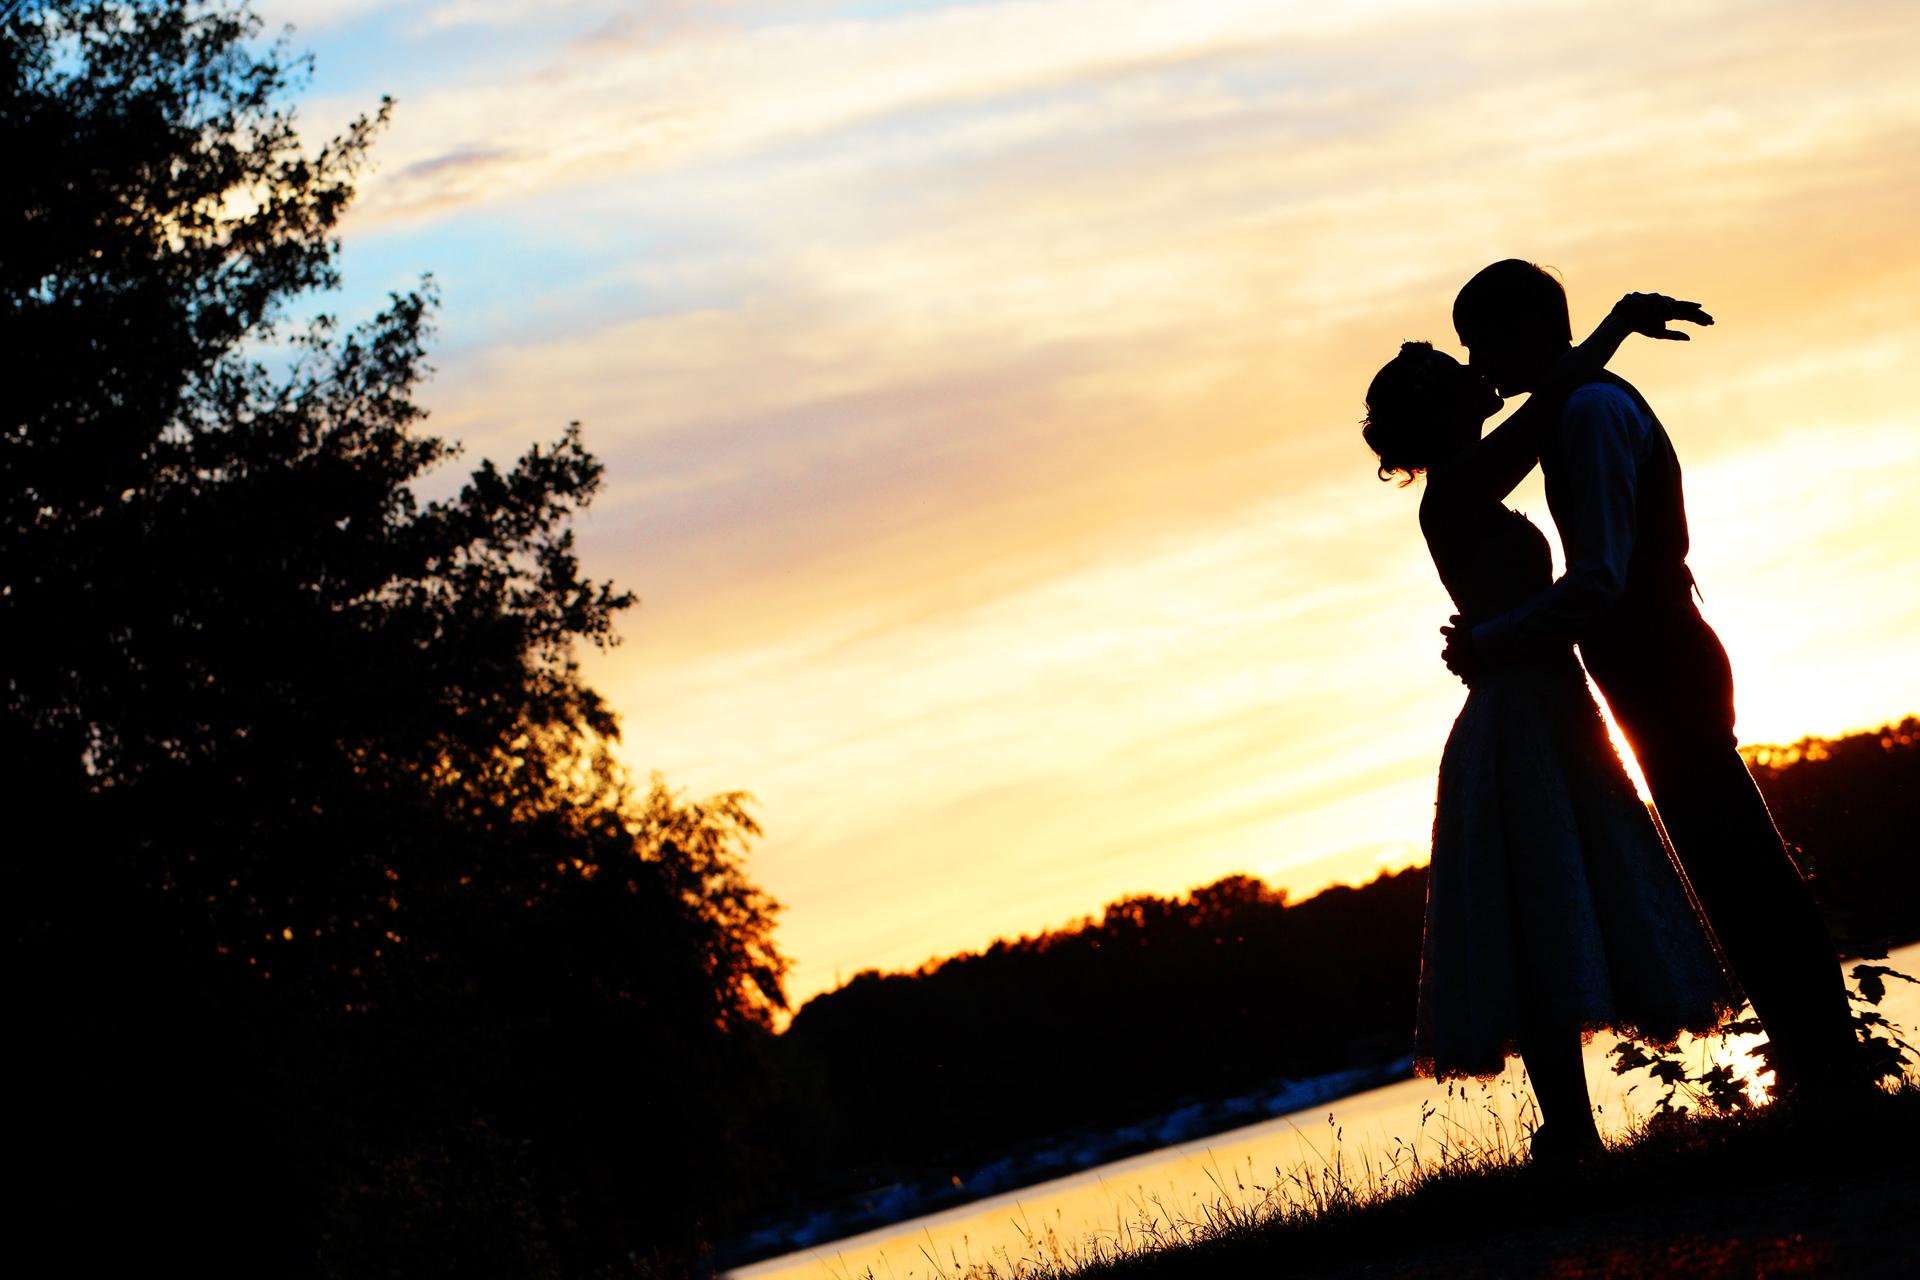 Hochzeitsfotograf Caputh Silhouette Hochzeitspaar im Sonnenuntergang